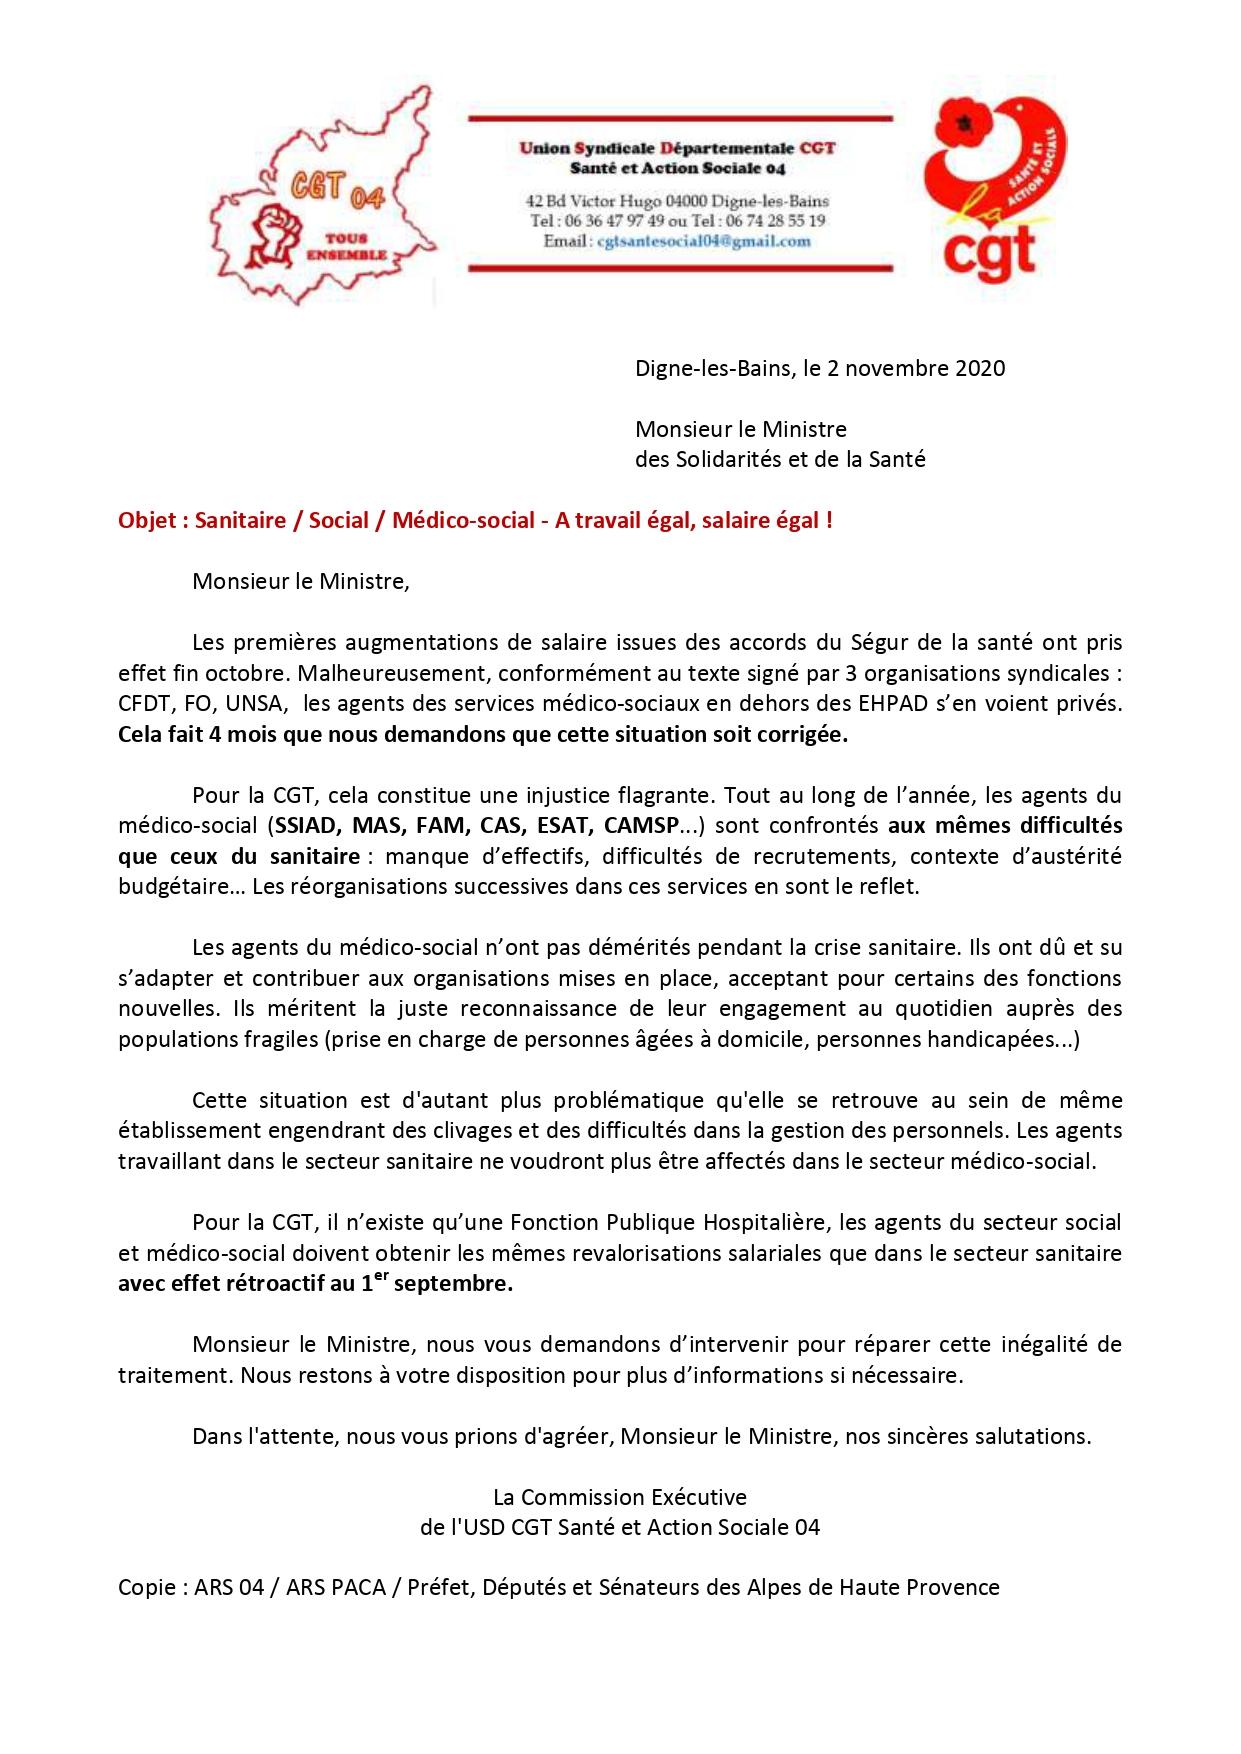 1305. Courrier médico-social 183 euros Ségur de la santé